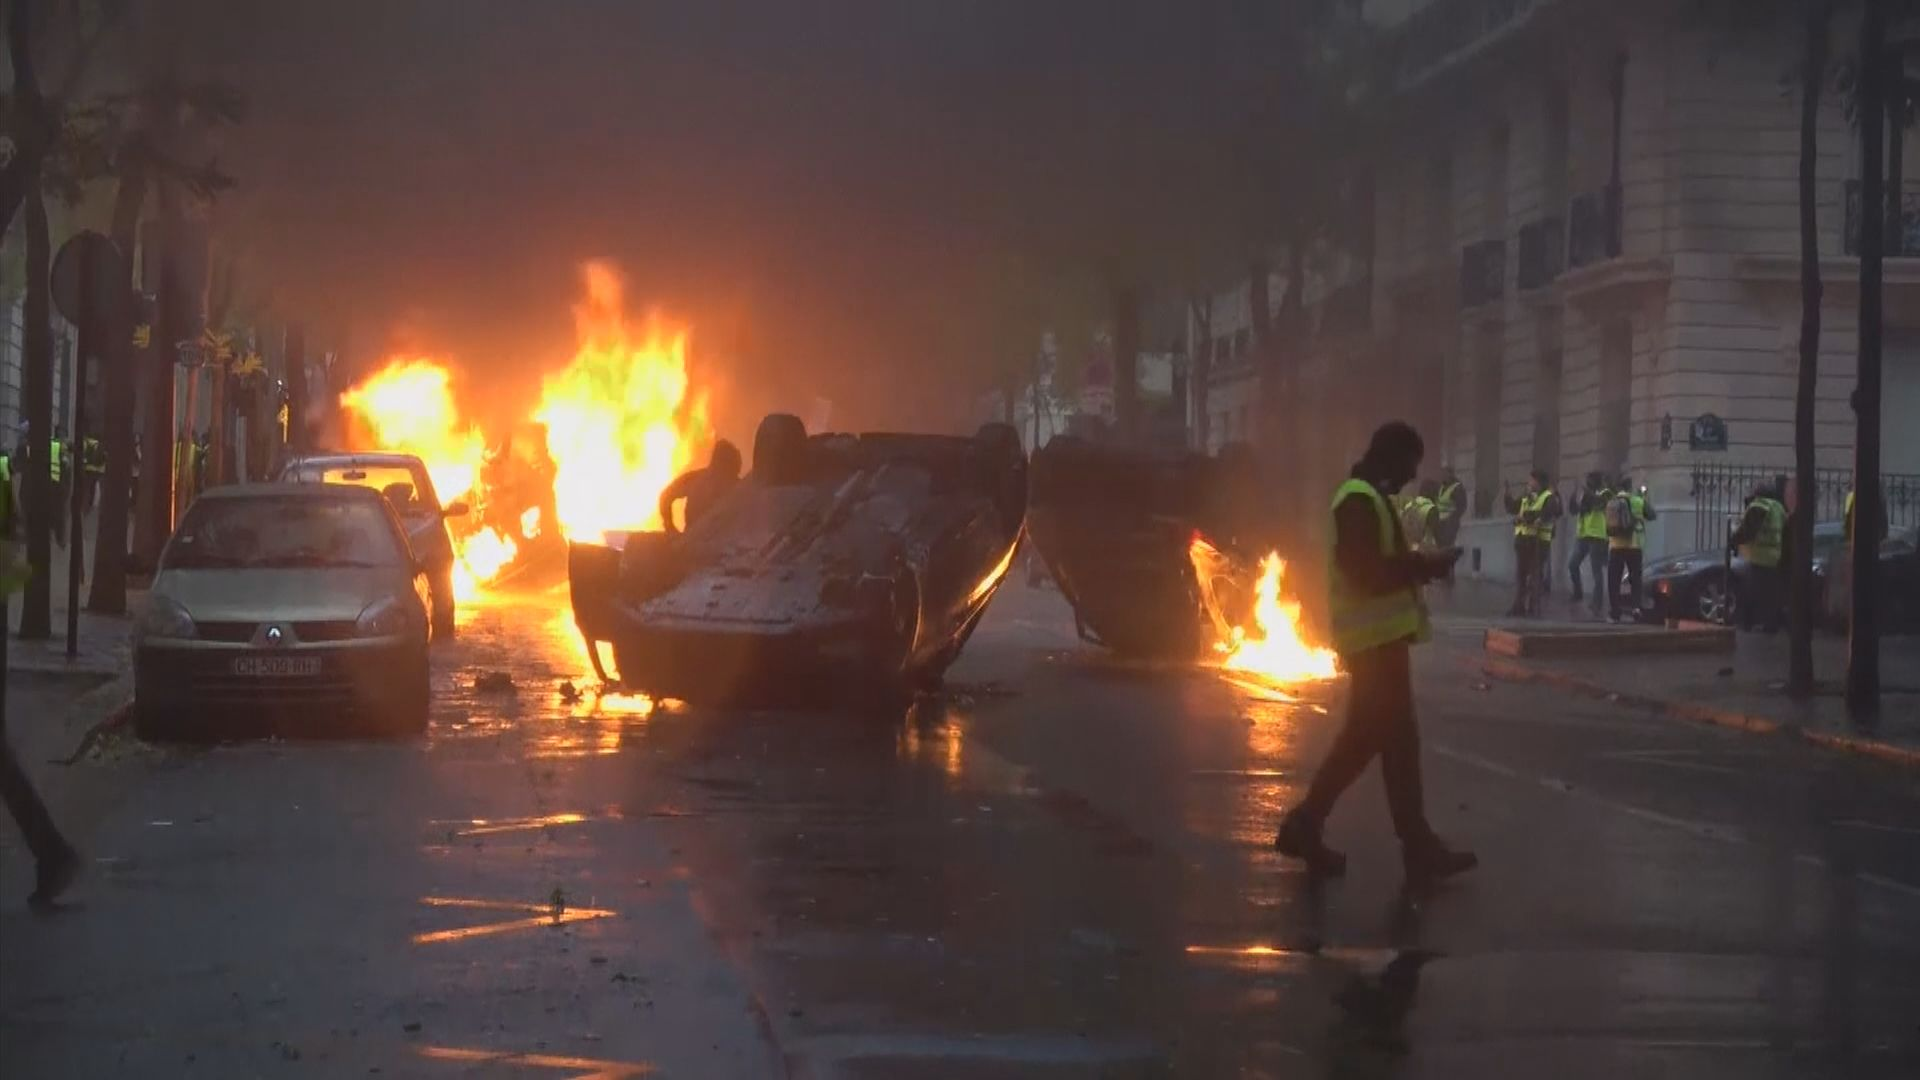 法國警方指周六衝突規模前所未見